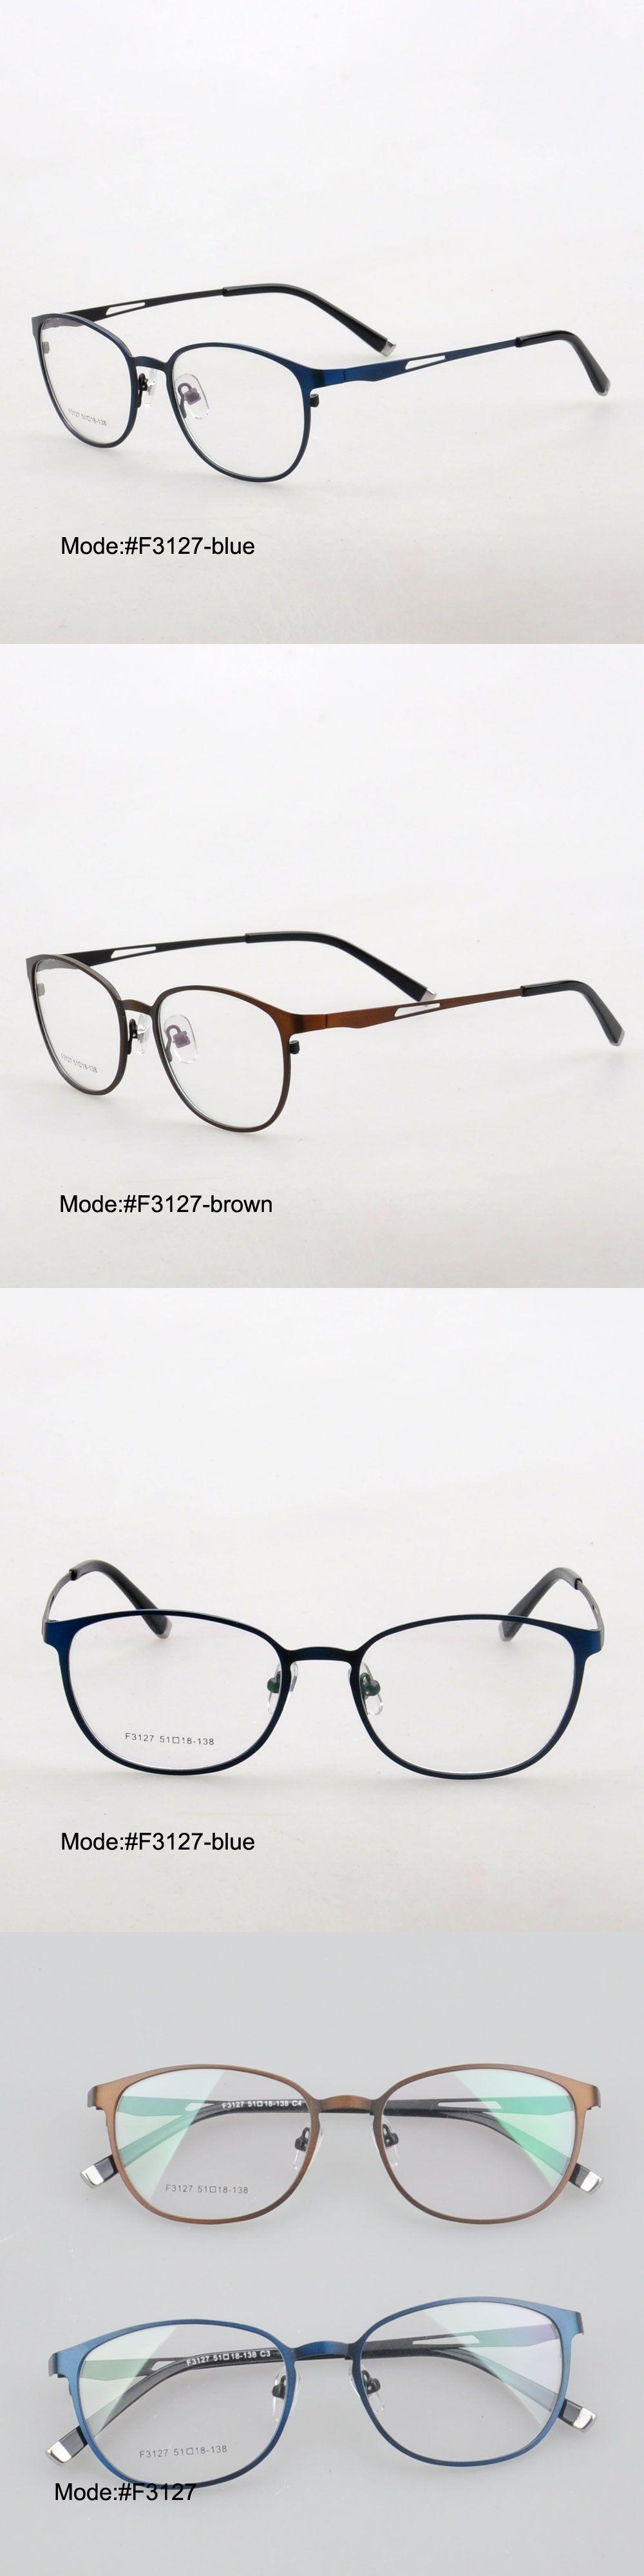 MY DOLI F3127 full rim men style stainless steel RX optical frames ...